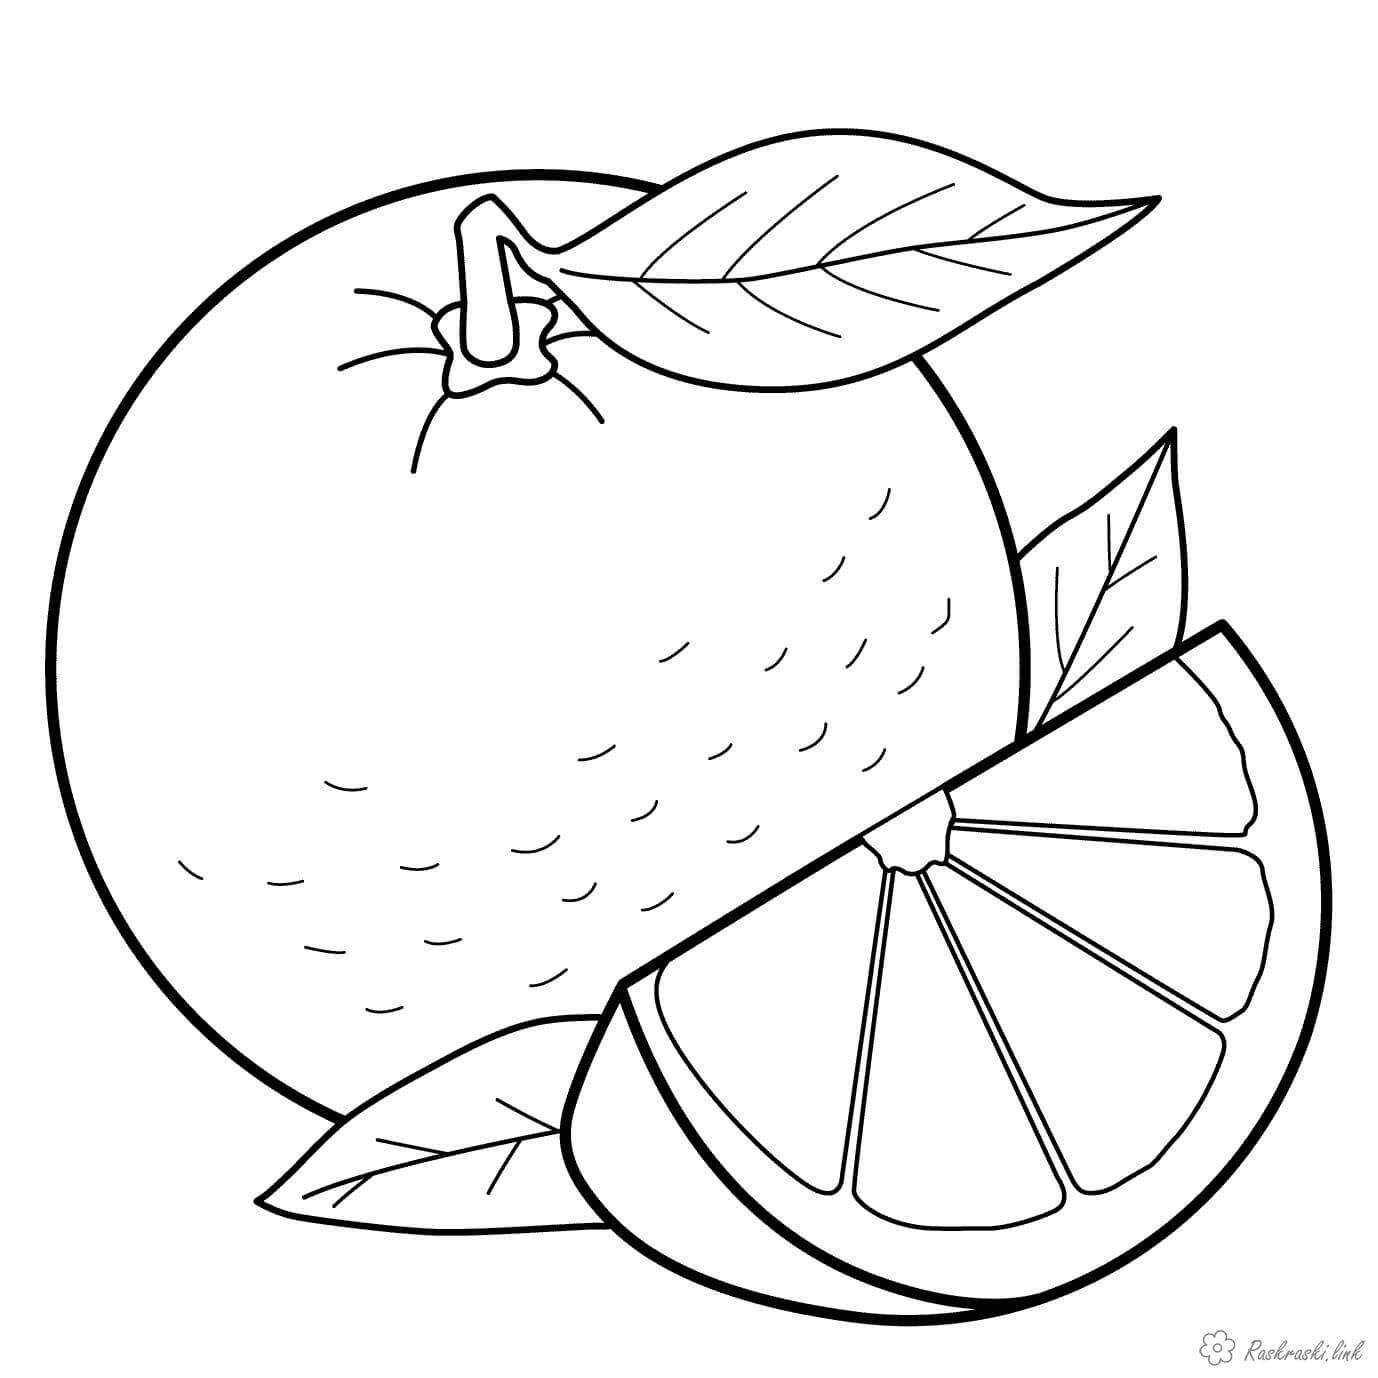 картинки фруктов и овощей для детей раскраски